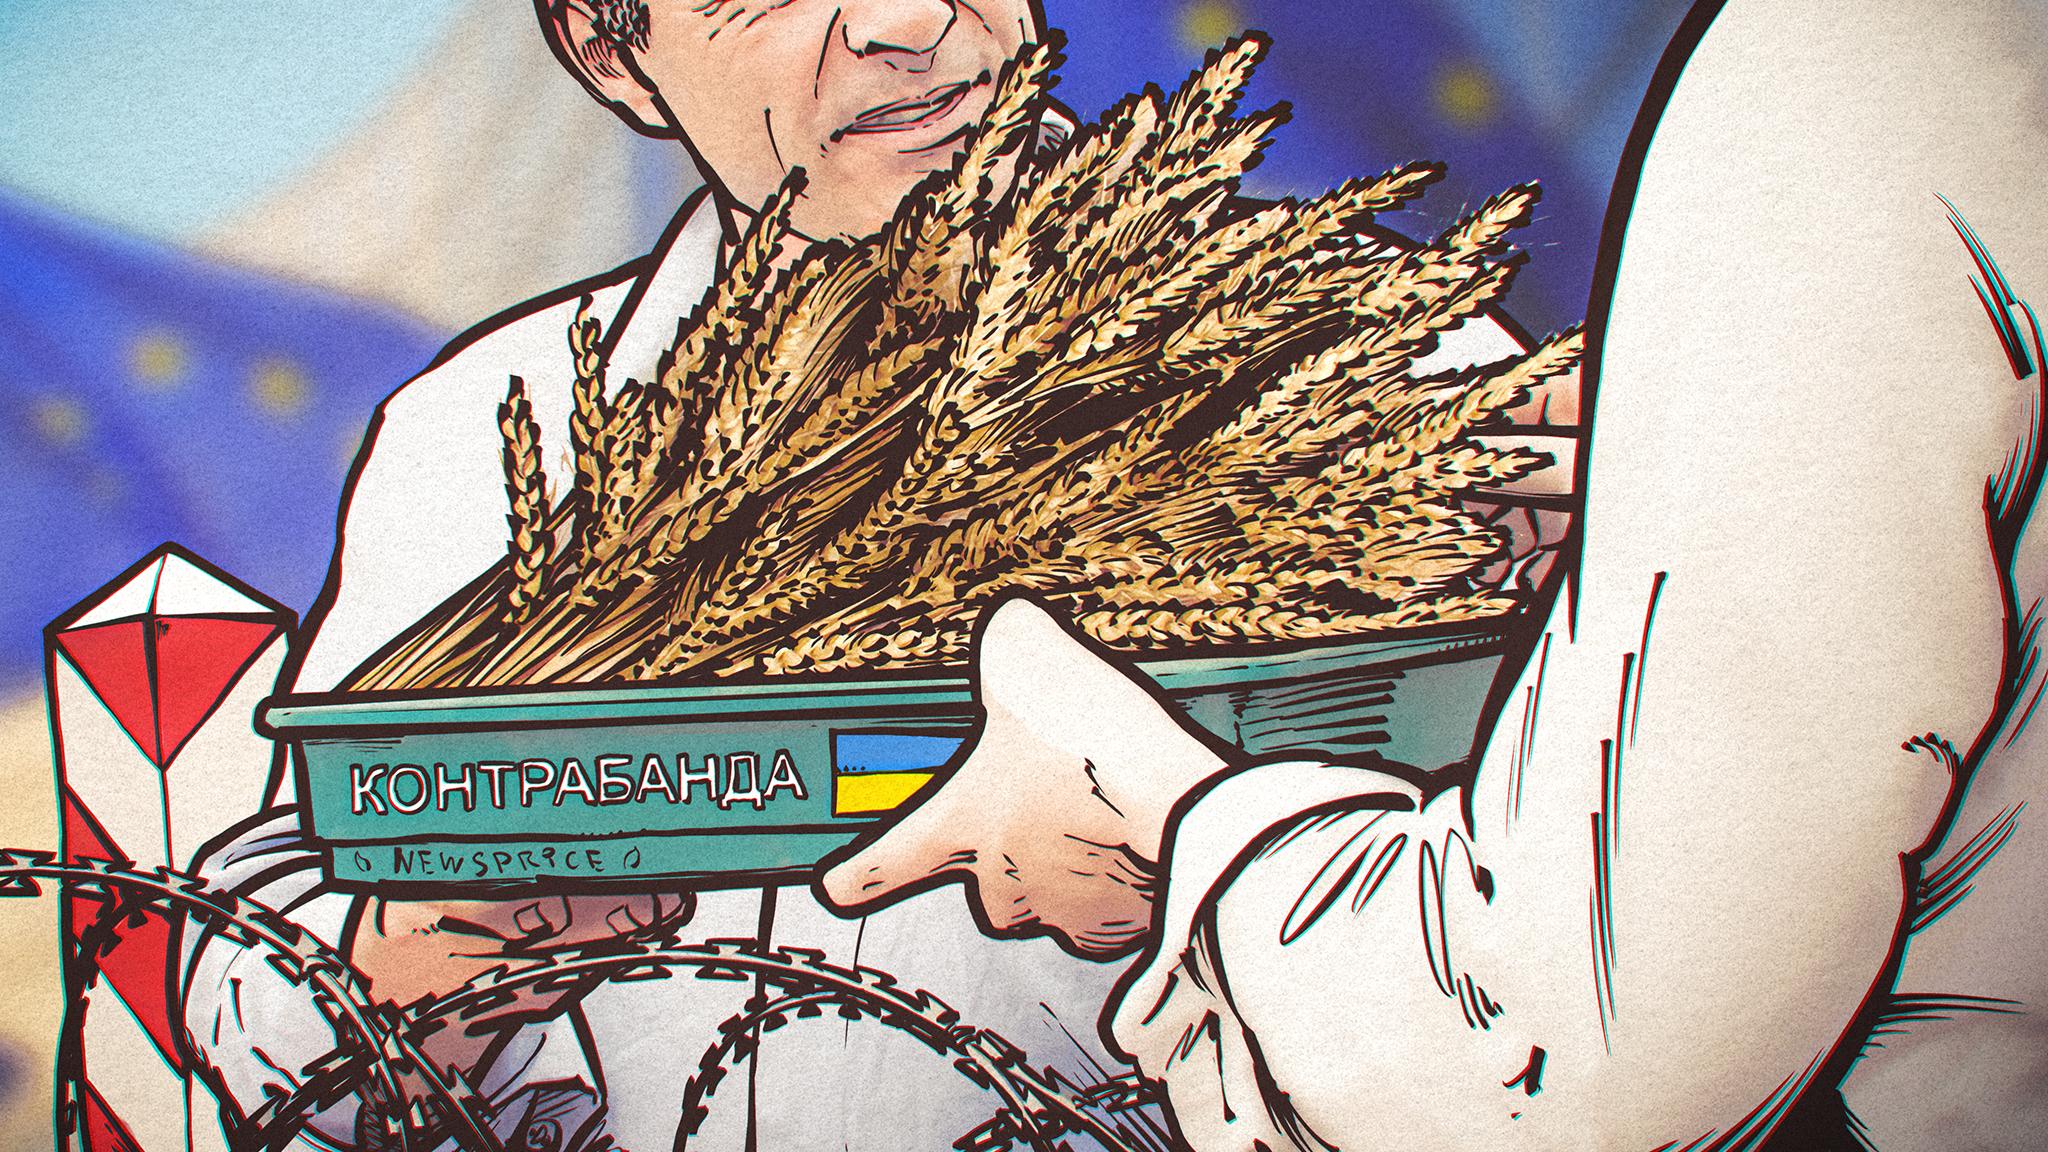 Расследование:  коррупционная схема  с экспортом «серой» неучтенной сельхозпродукции из Украины и выведение валютной выручки в офшоры